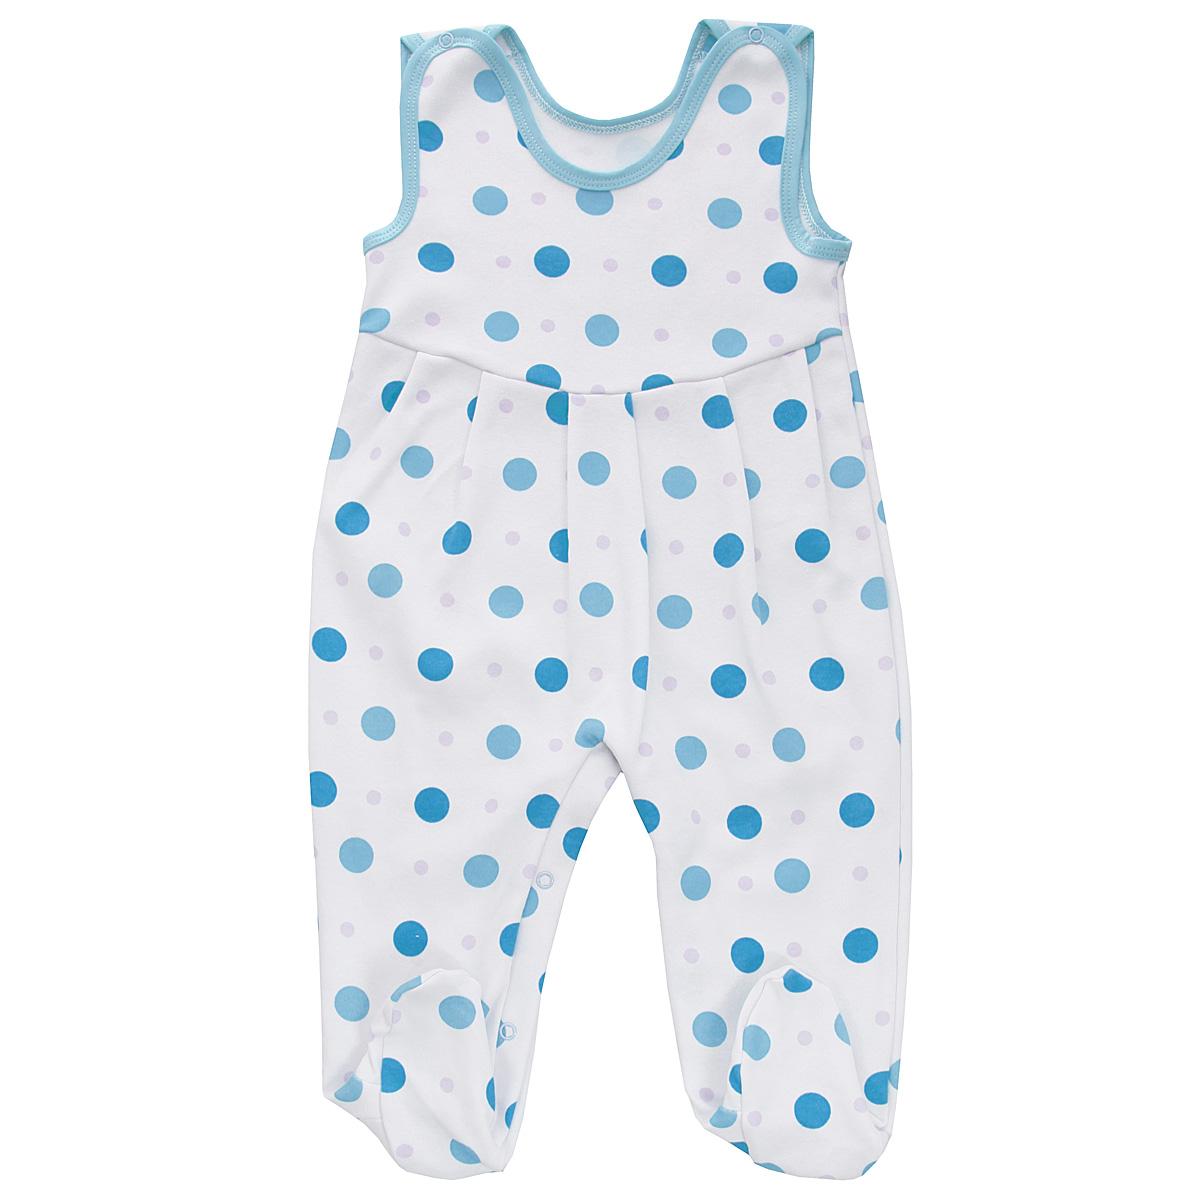 Ползунки с грудкой Трон-плюс, цвет: белый, голубой. 5247_горох. Размер 74, 9 месяцев ползунки трикотажные на 0 9 месяцев